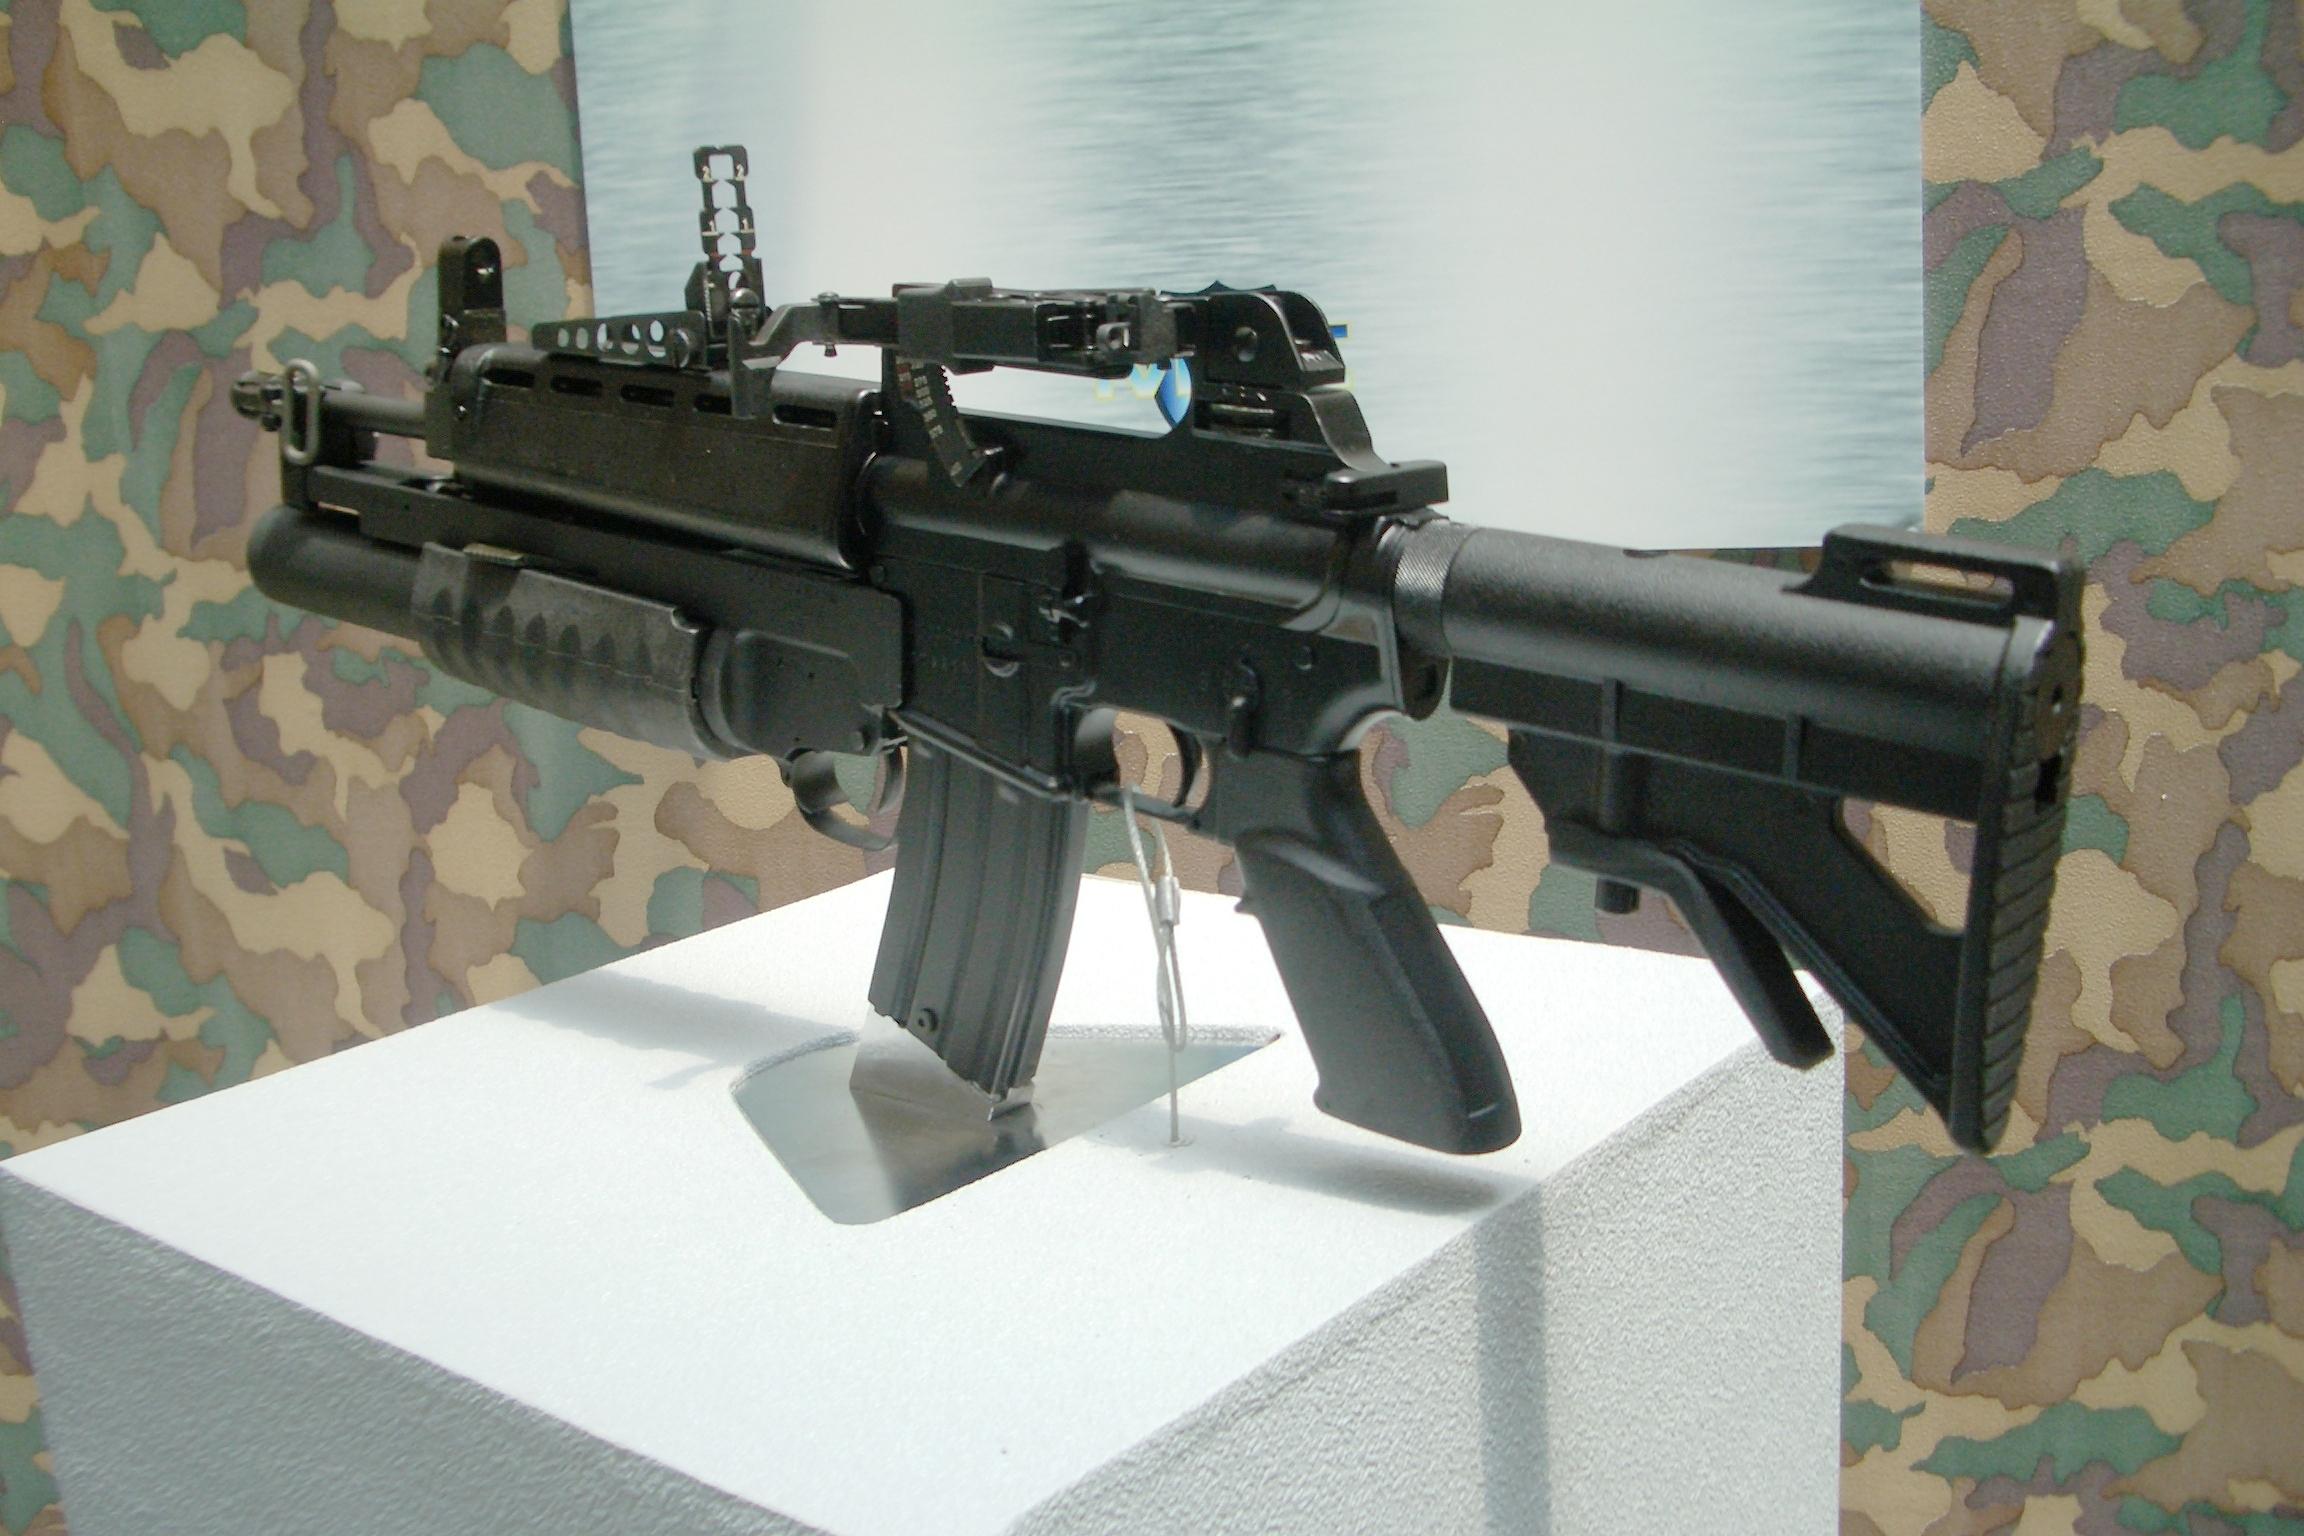 T86 assault rifle - Wikipedia